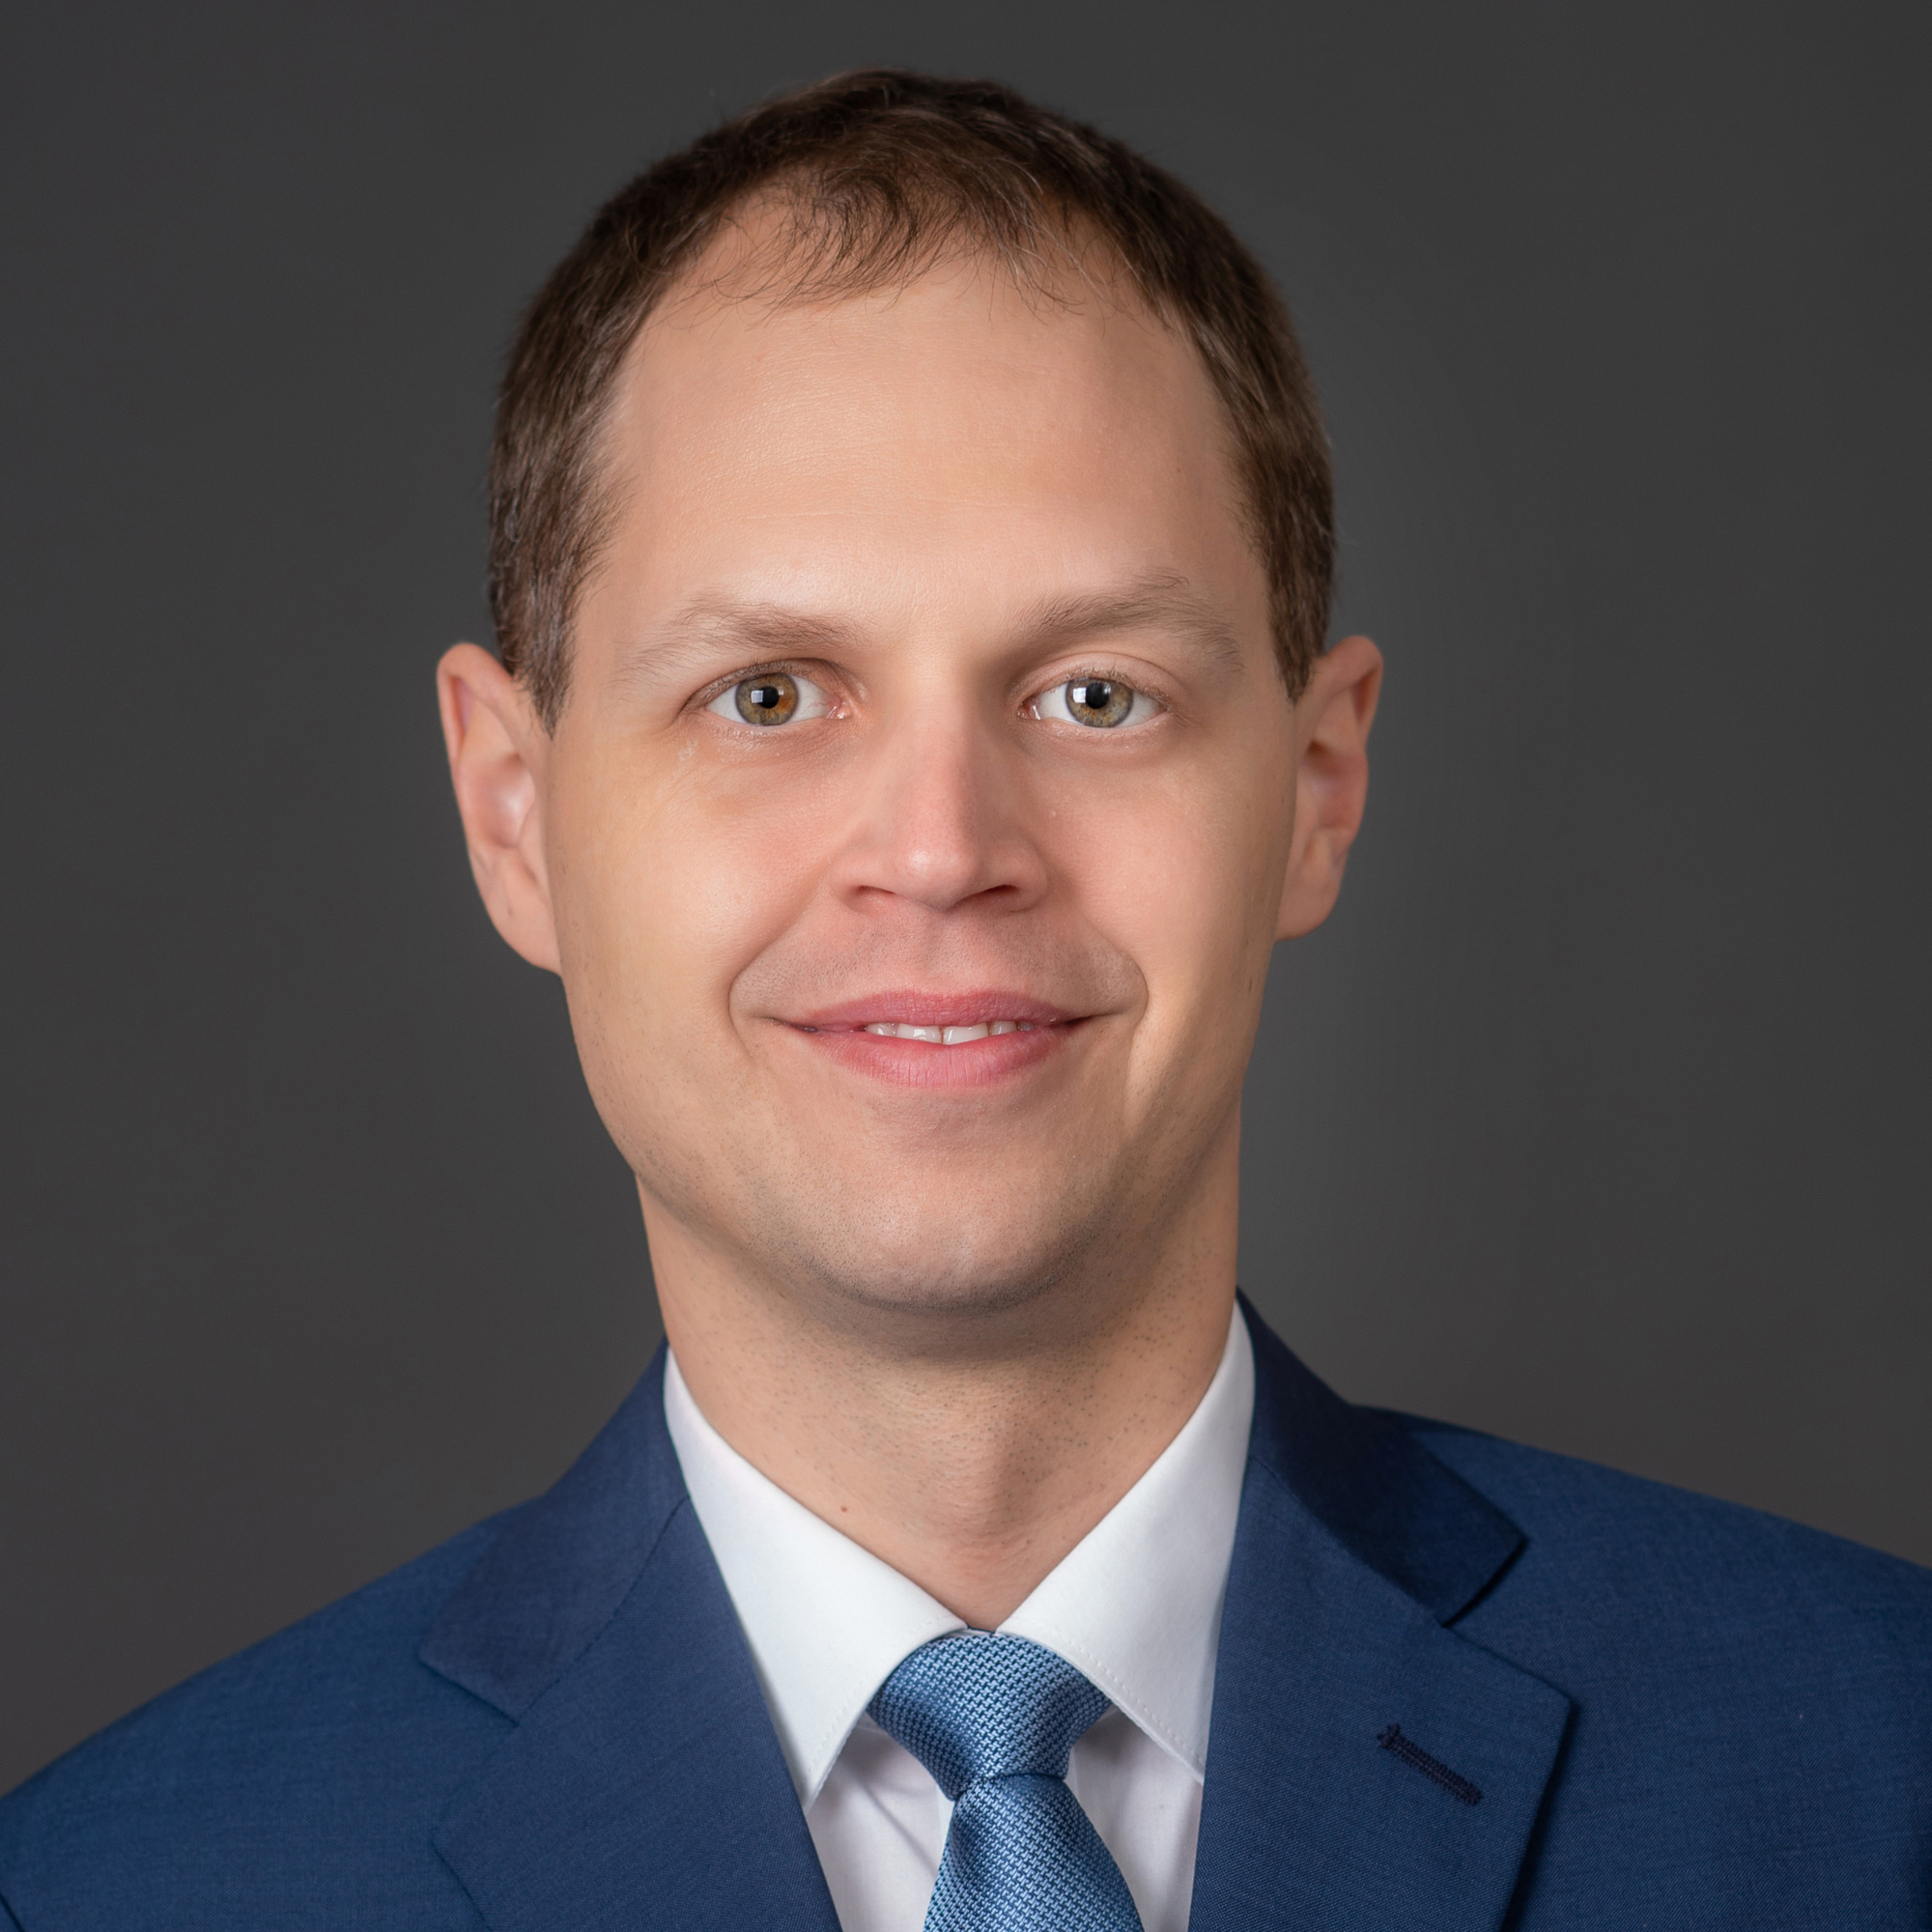 Dr. Kristóf Péter